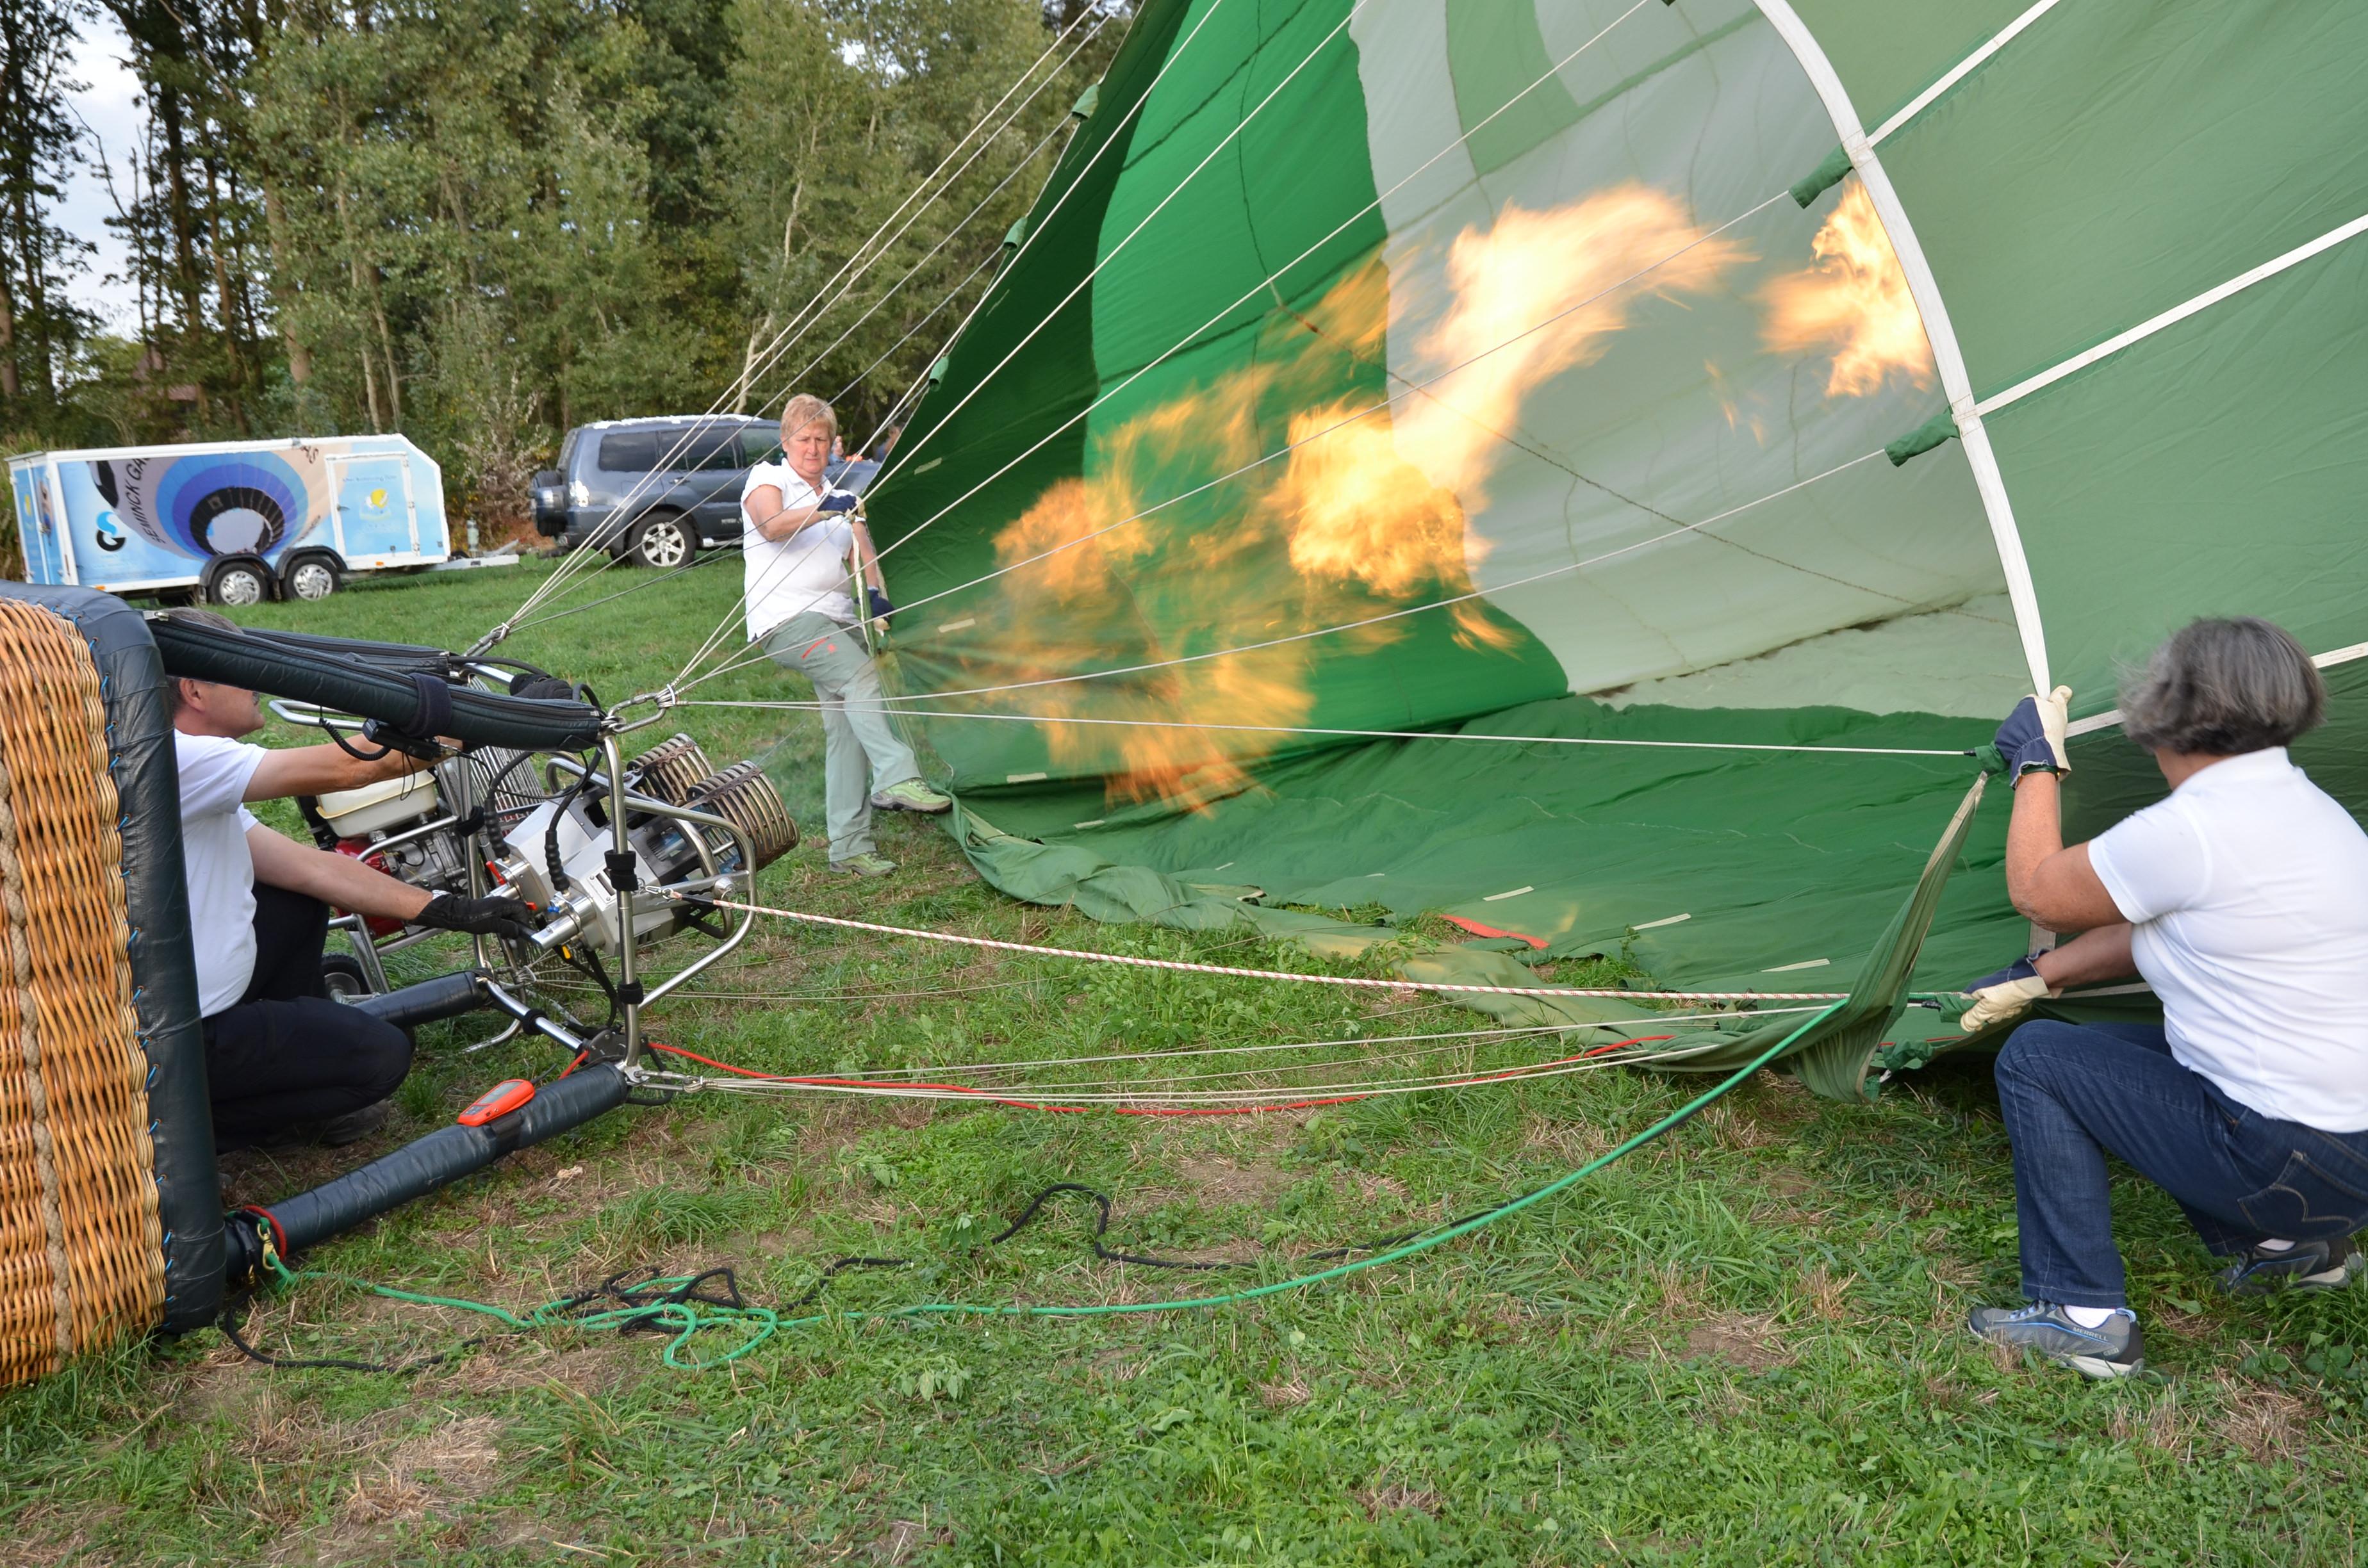 Ballonvaart vlam opzetten luchtballon